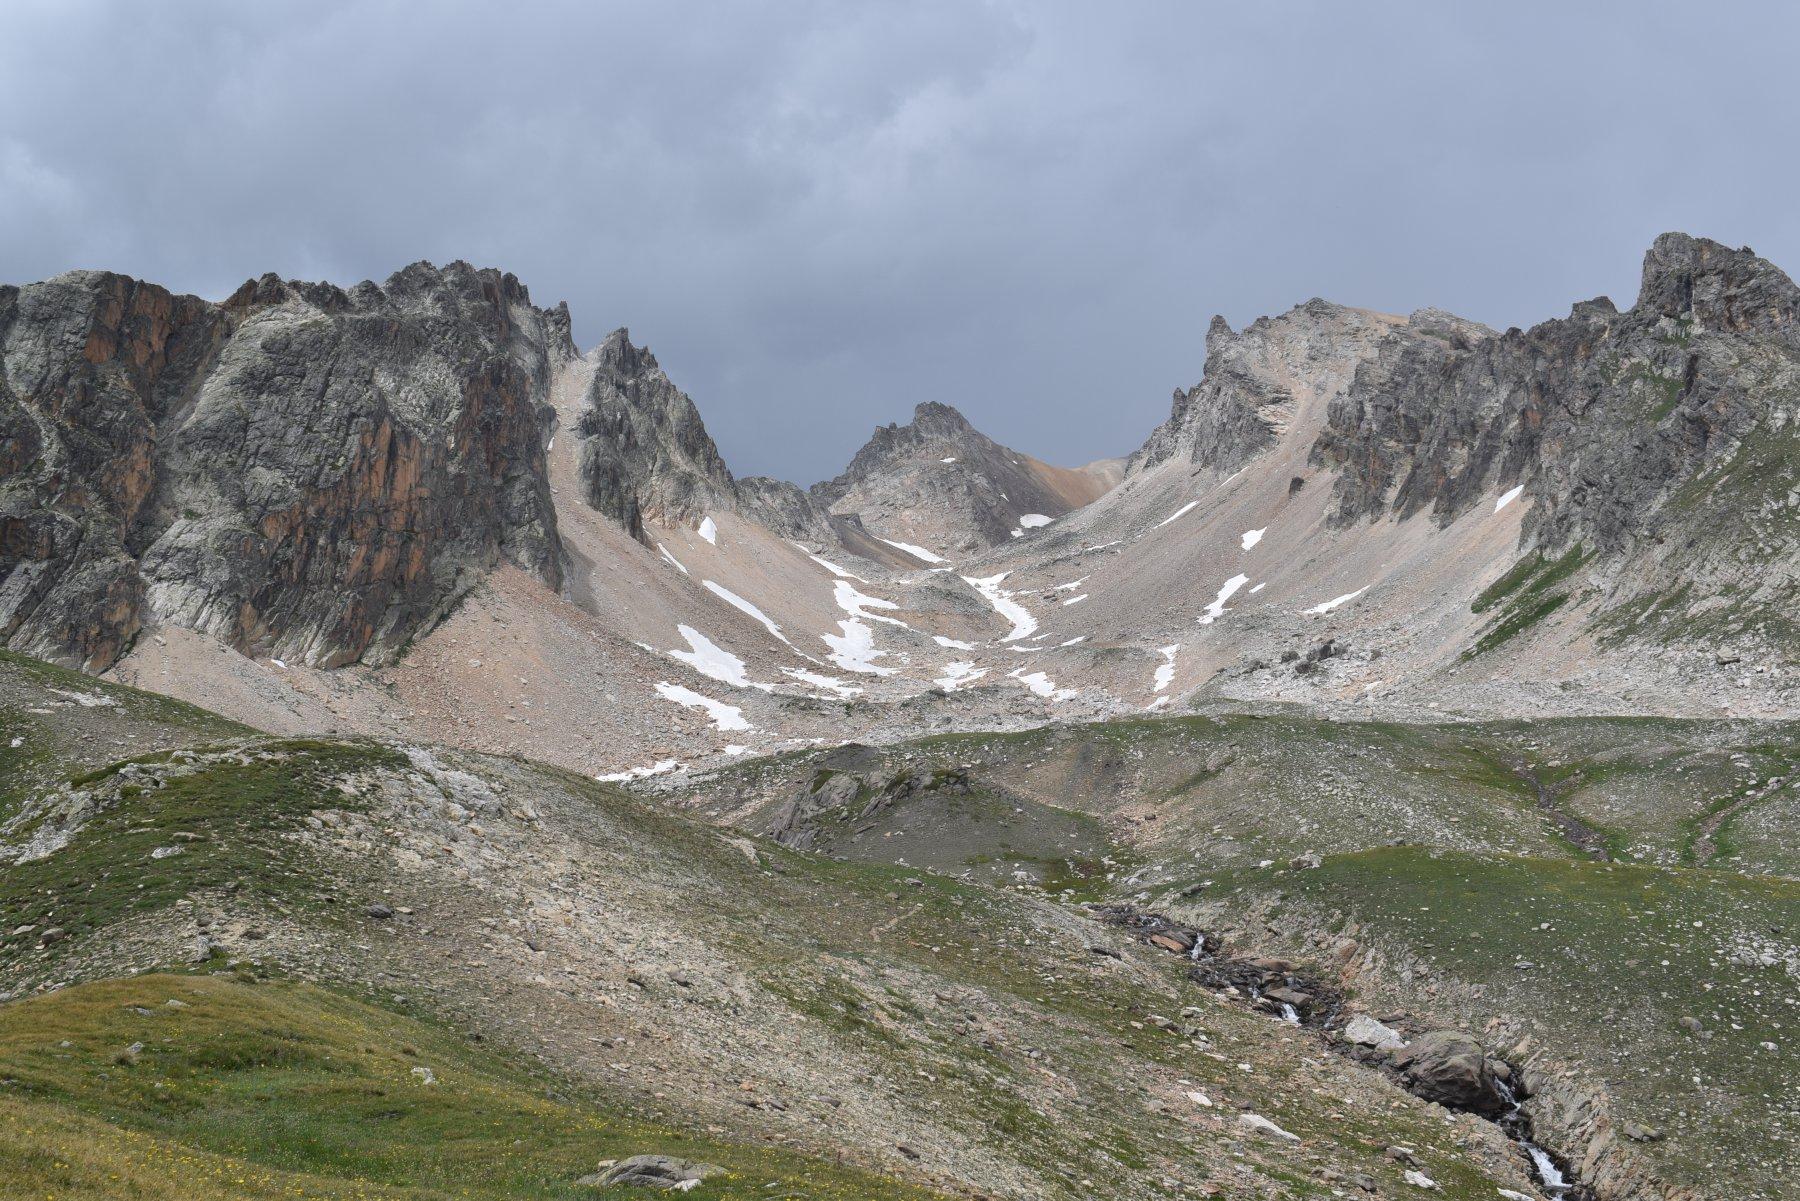 Il vallone di discesa dai pressi del Lac Blanc